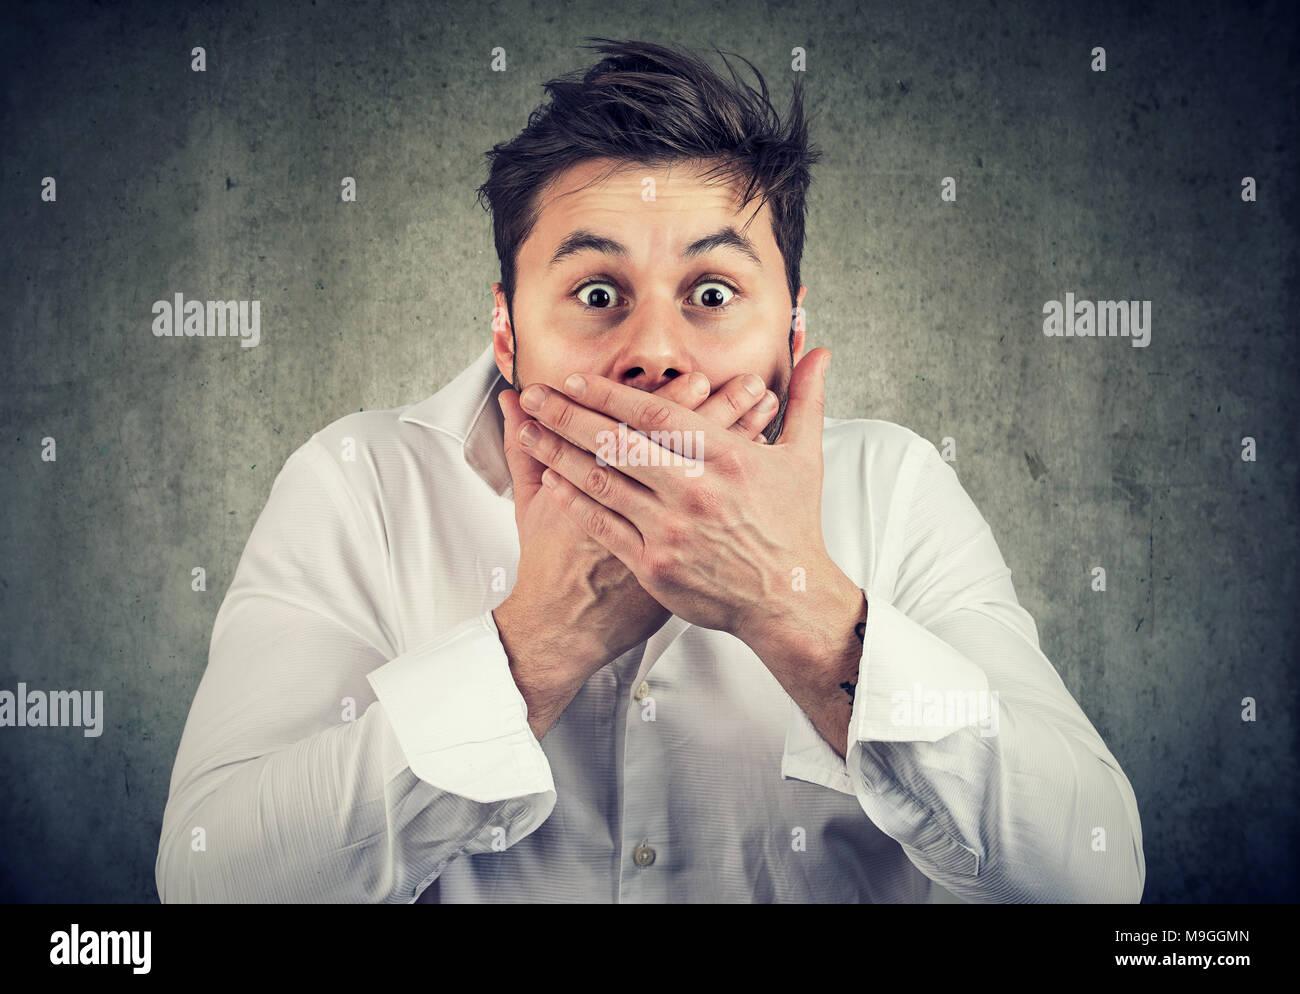 Jeune homme choqué en chemise blanche couvrant la bouche maintenant crier tout en regardant avec étonnement face à l'expression. Photo Stock